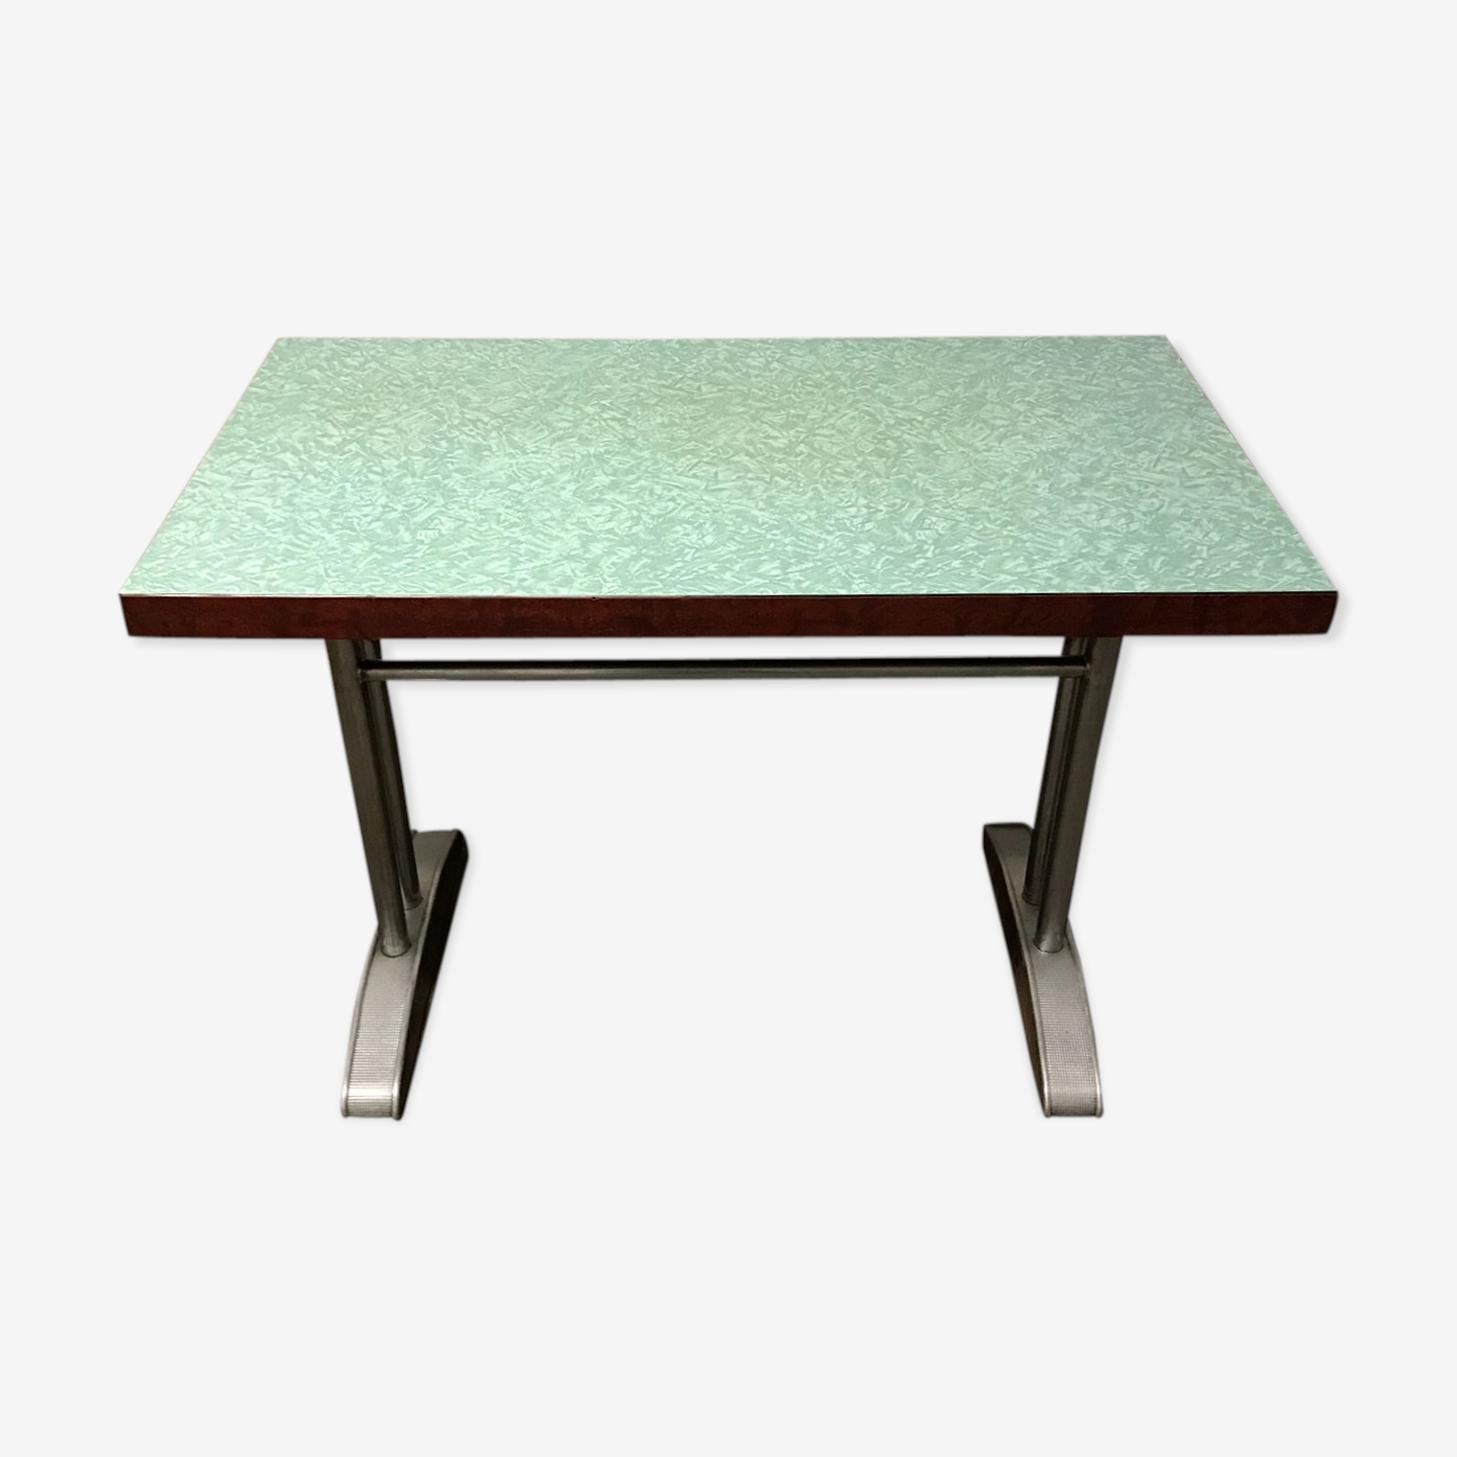 Table en formica vert piétement métal et zinc,  années 50